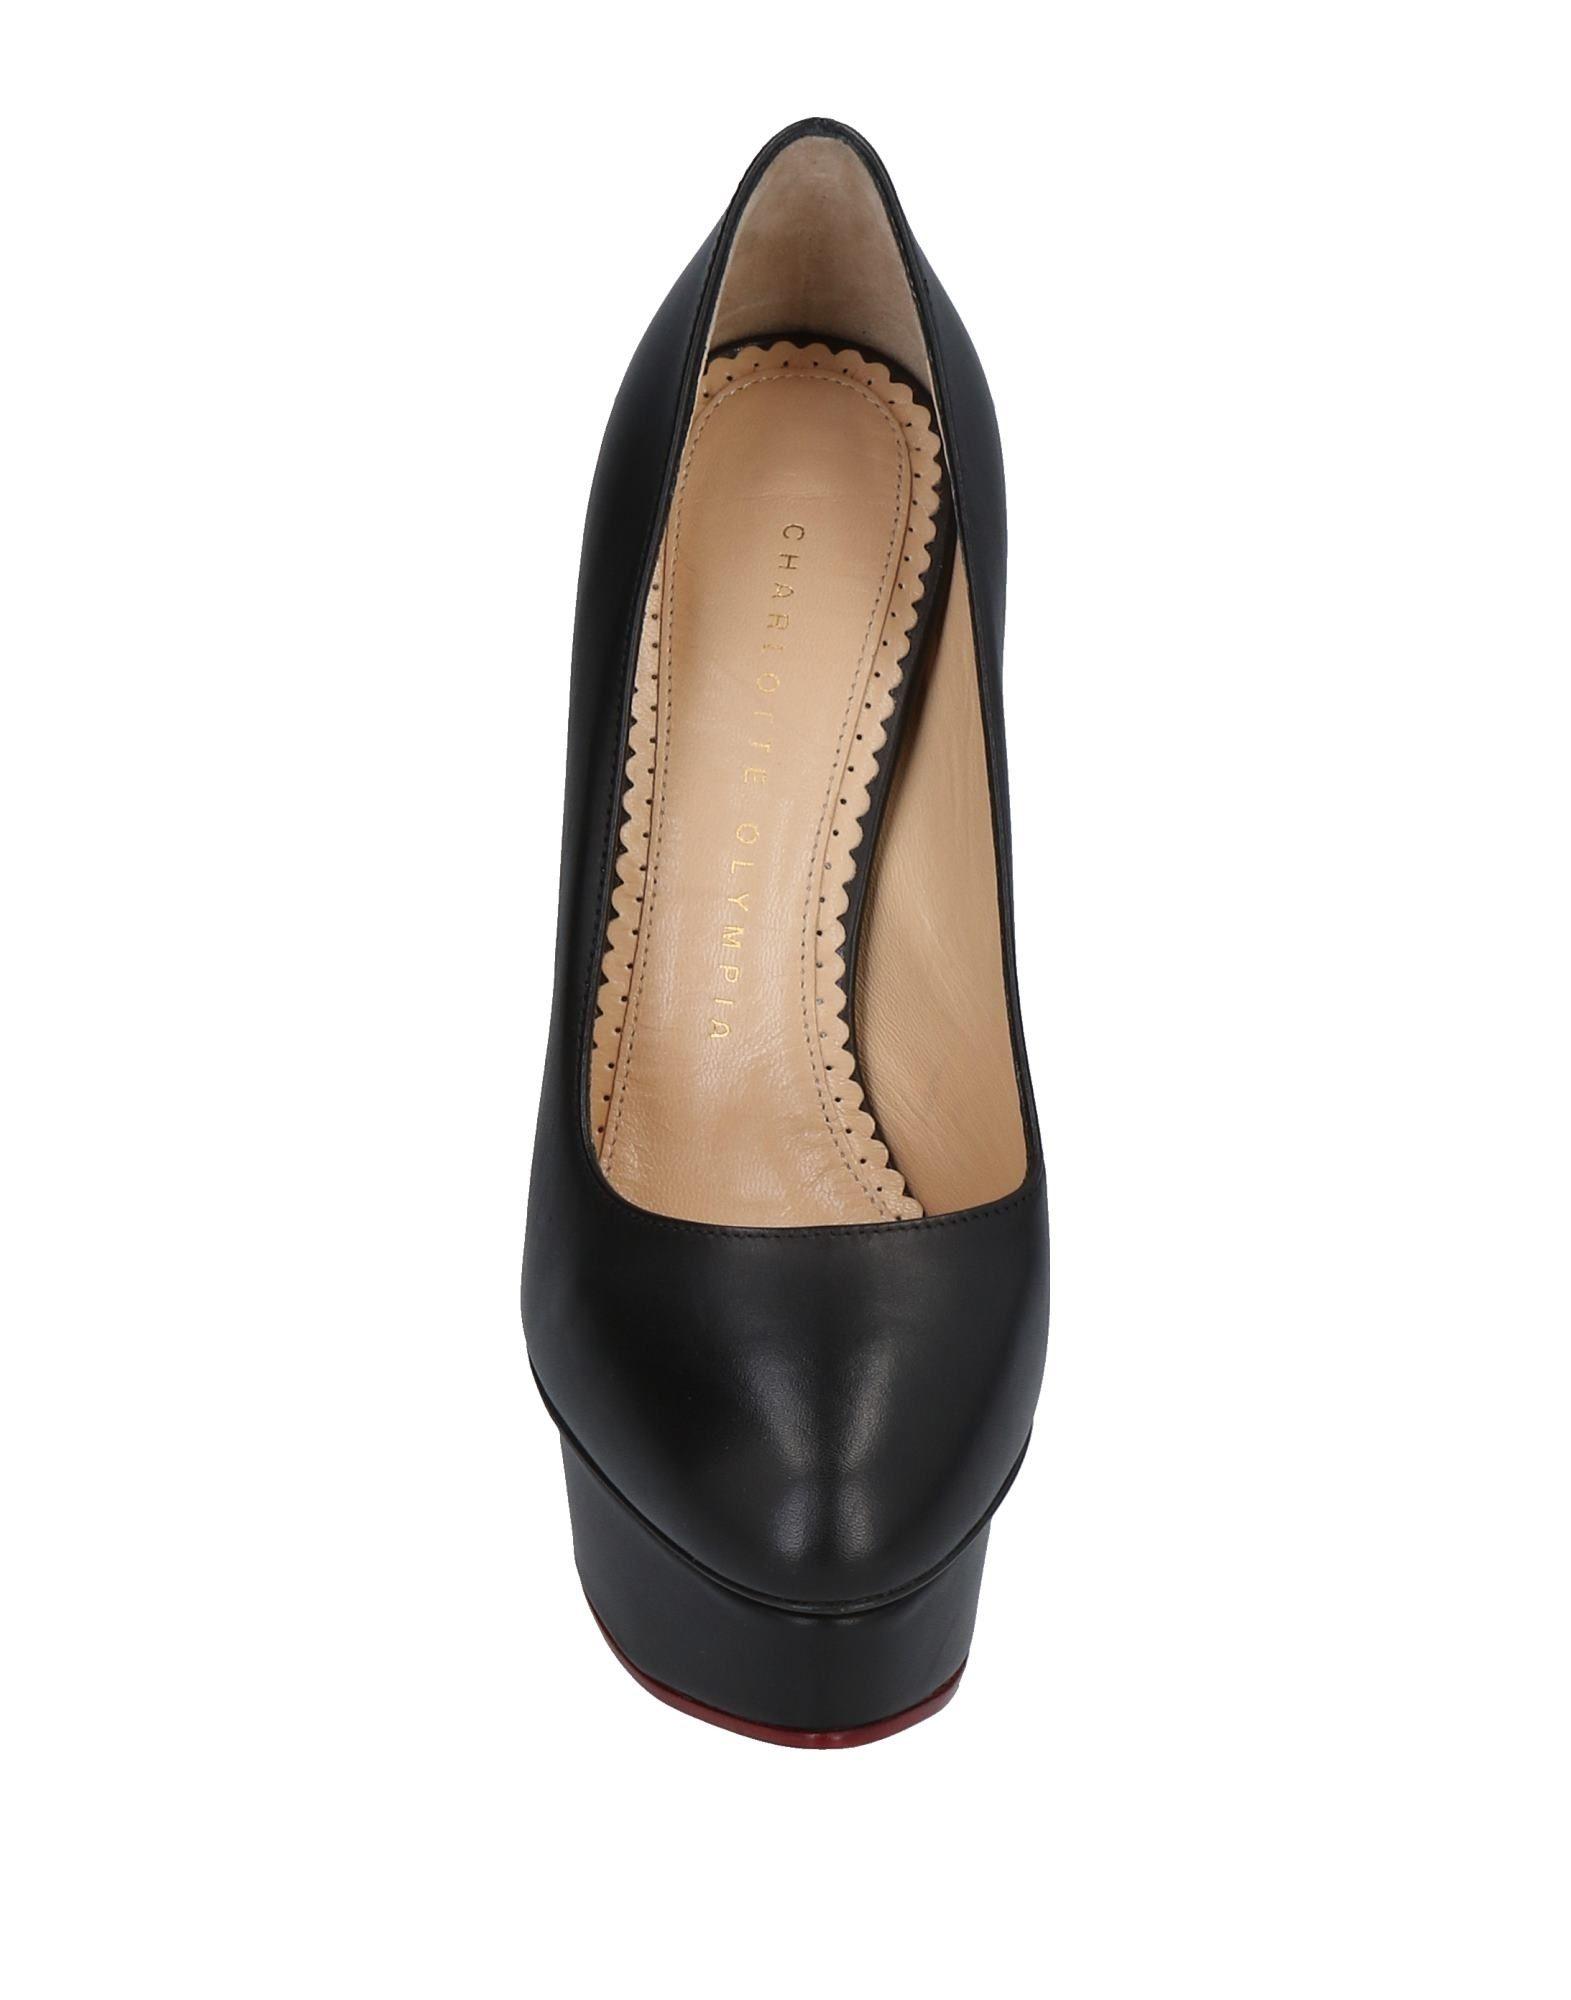 Rabatt Schuhe Pumps Charlotte Olympia Pumps Schuhe Damen  11487467LD 1d4101